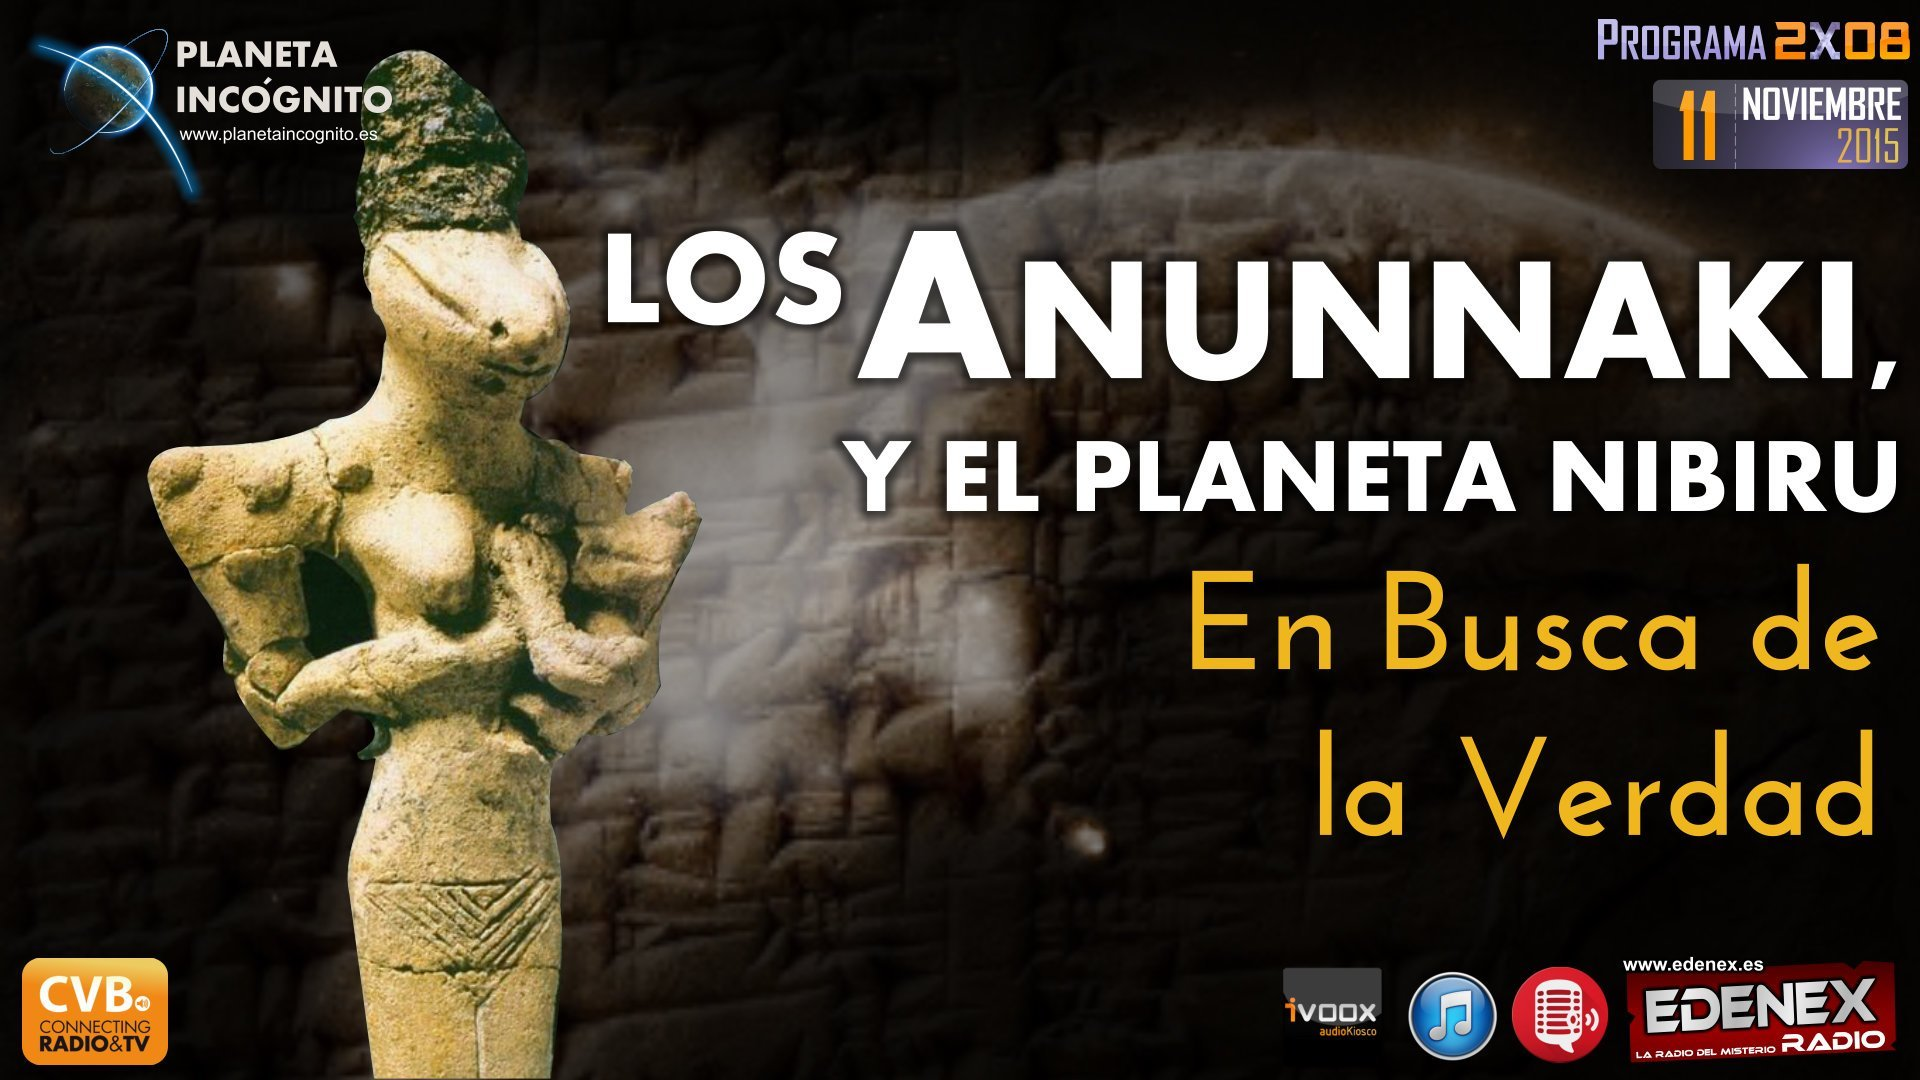 Programa 2×08 Los Anunnaki y el planeta Nibiru. En Busca de la Verdad